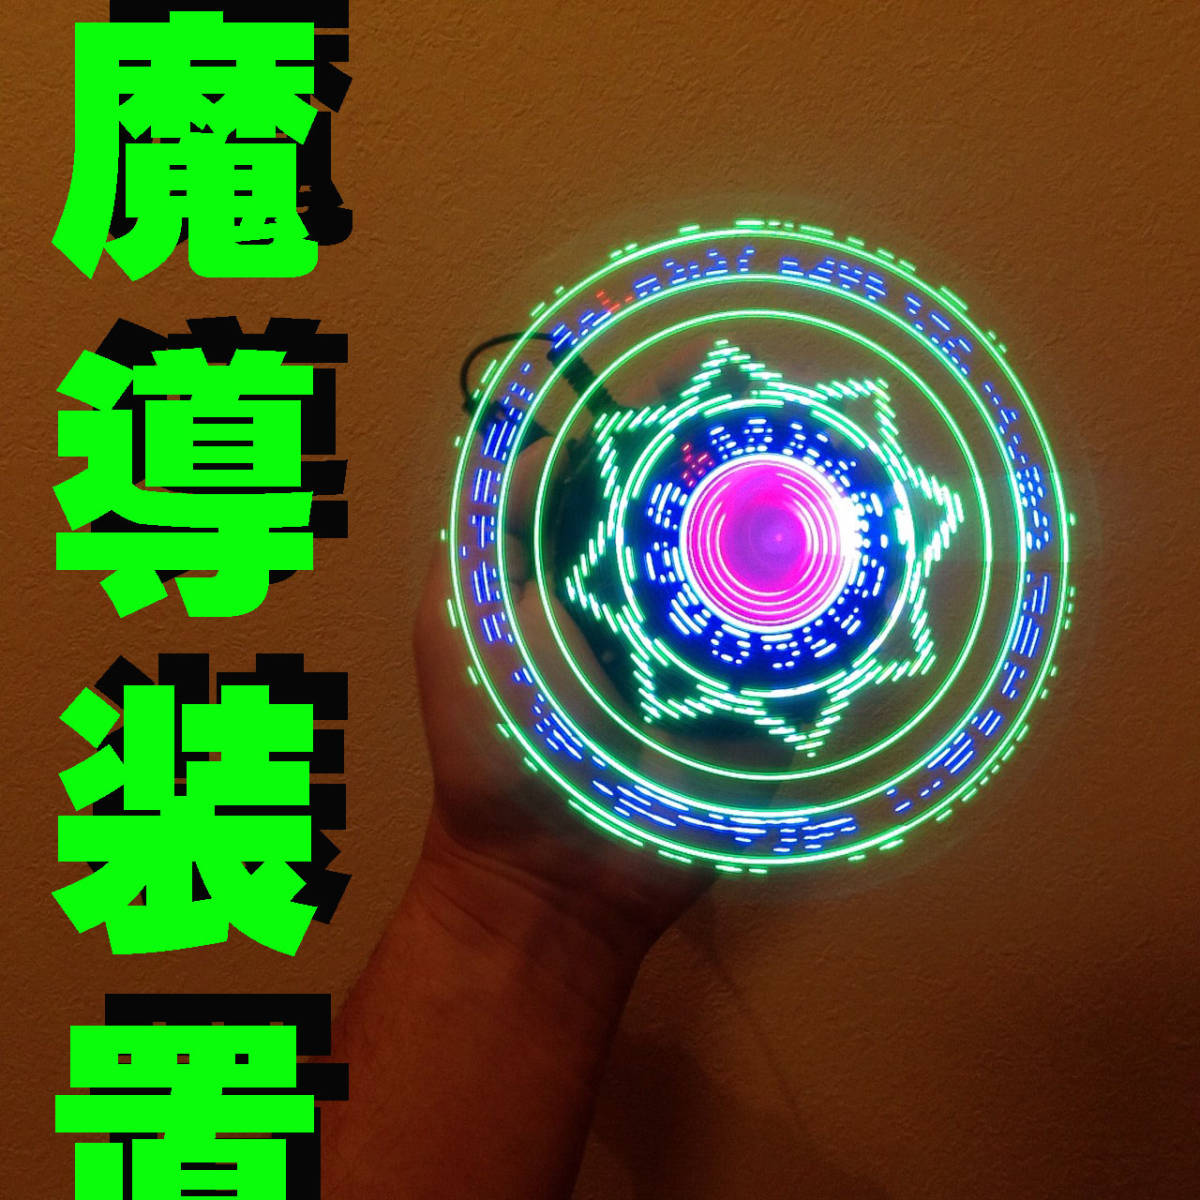 (限定)魔法陣を機械的に発現させる魔導装置 作製キット アベンジャーズ ドクターストレンジ バーサライタ アイアンマン